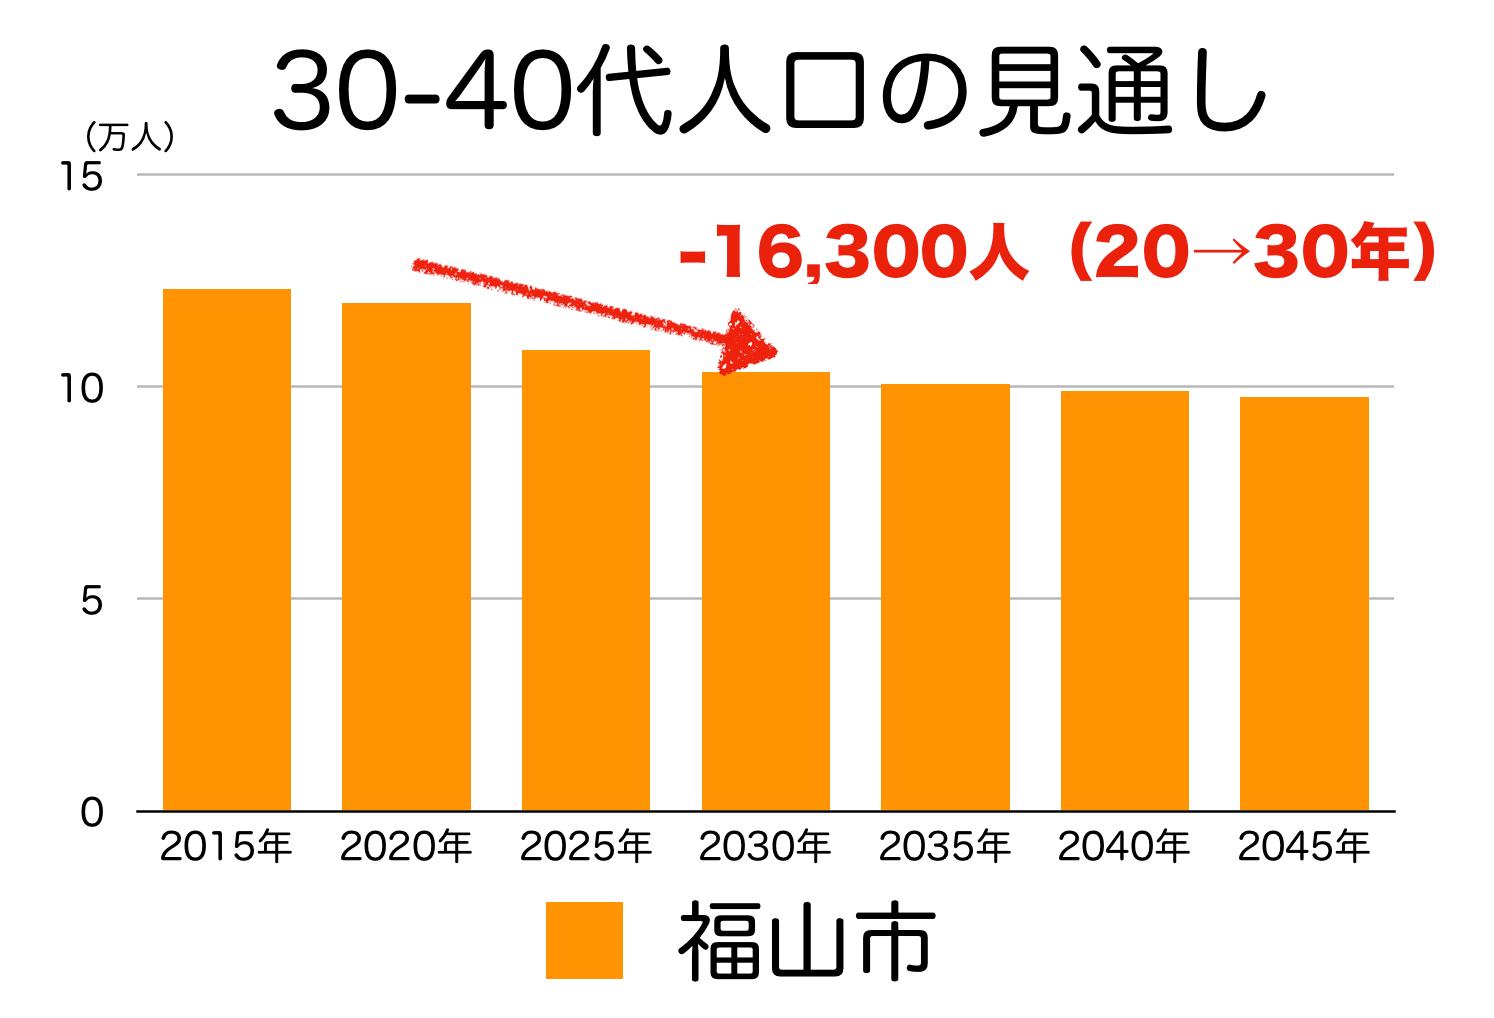 福山市の30〜40代人口の予測